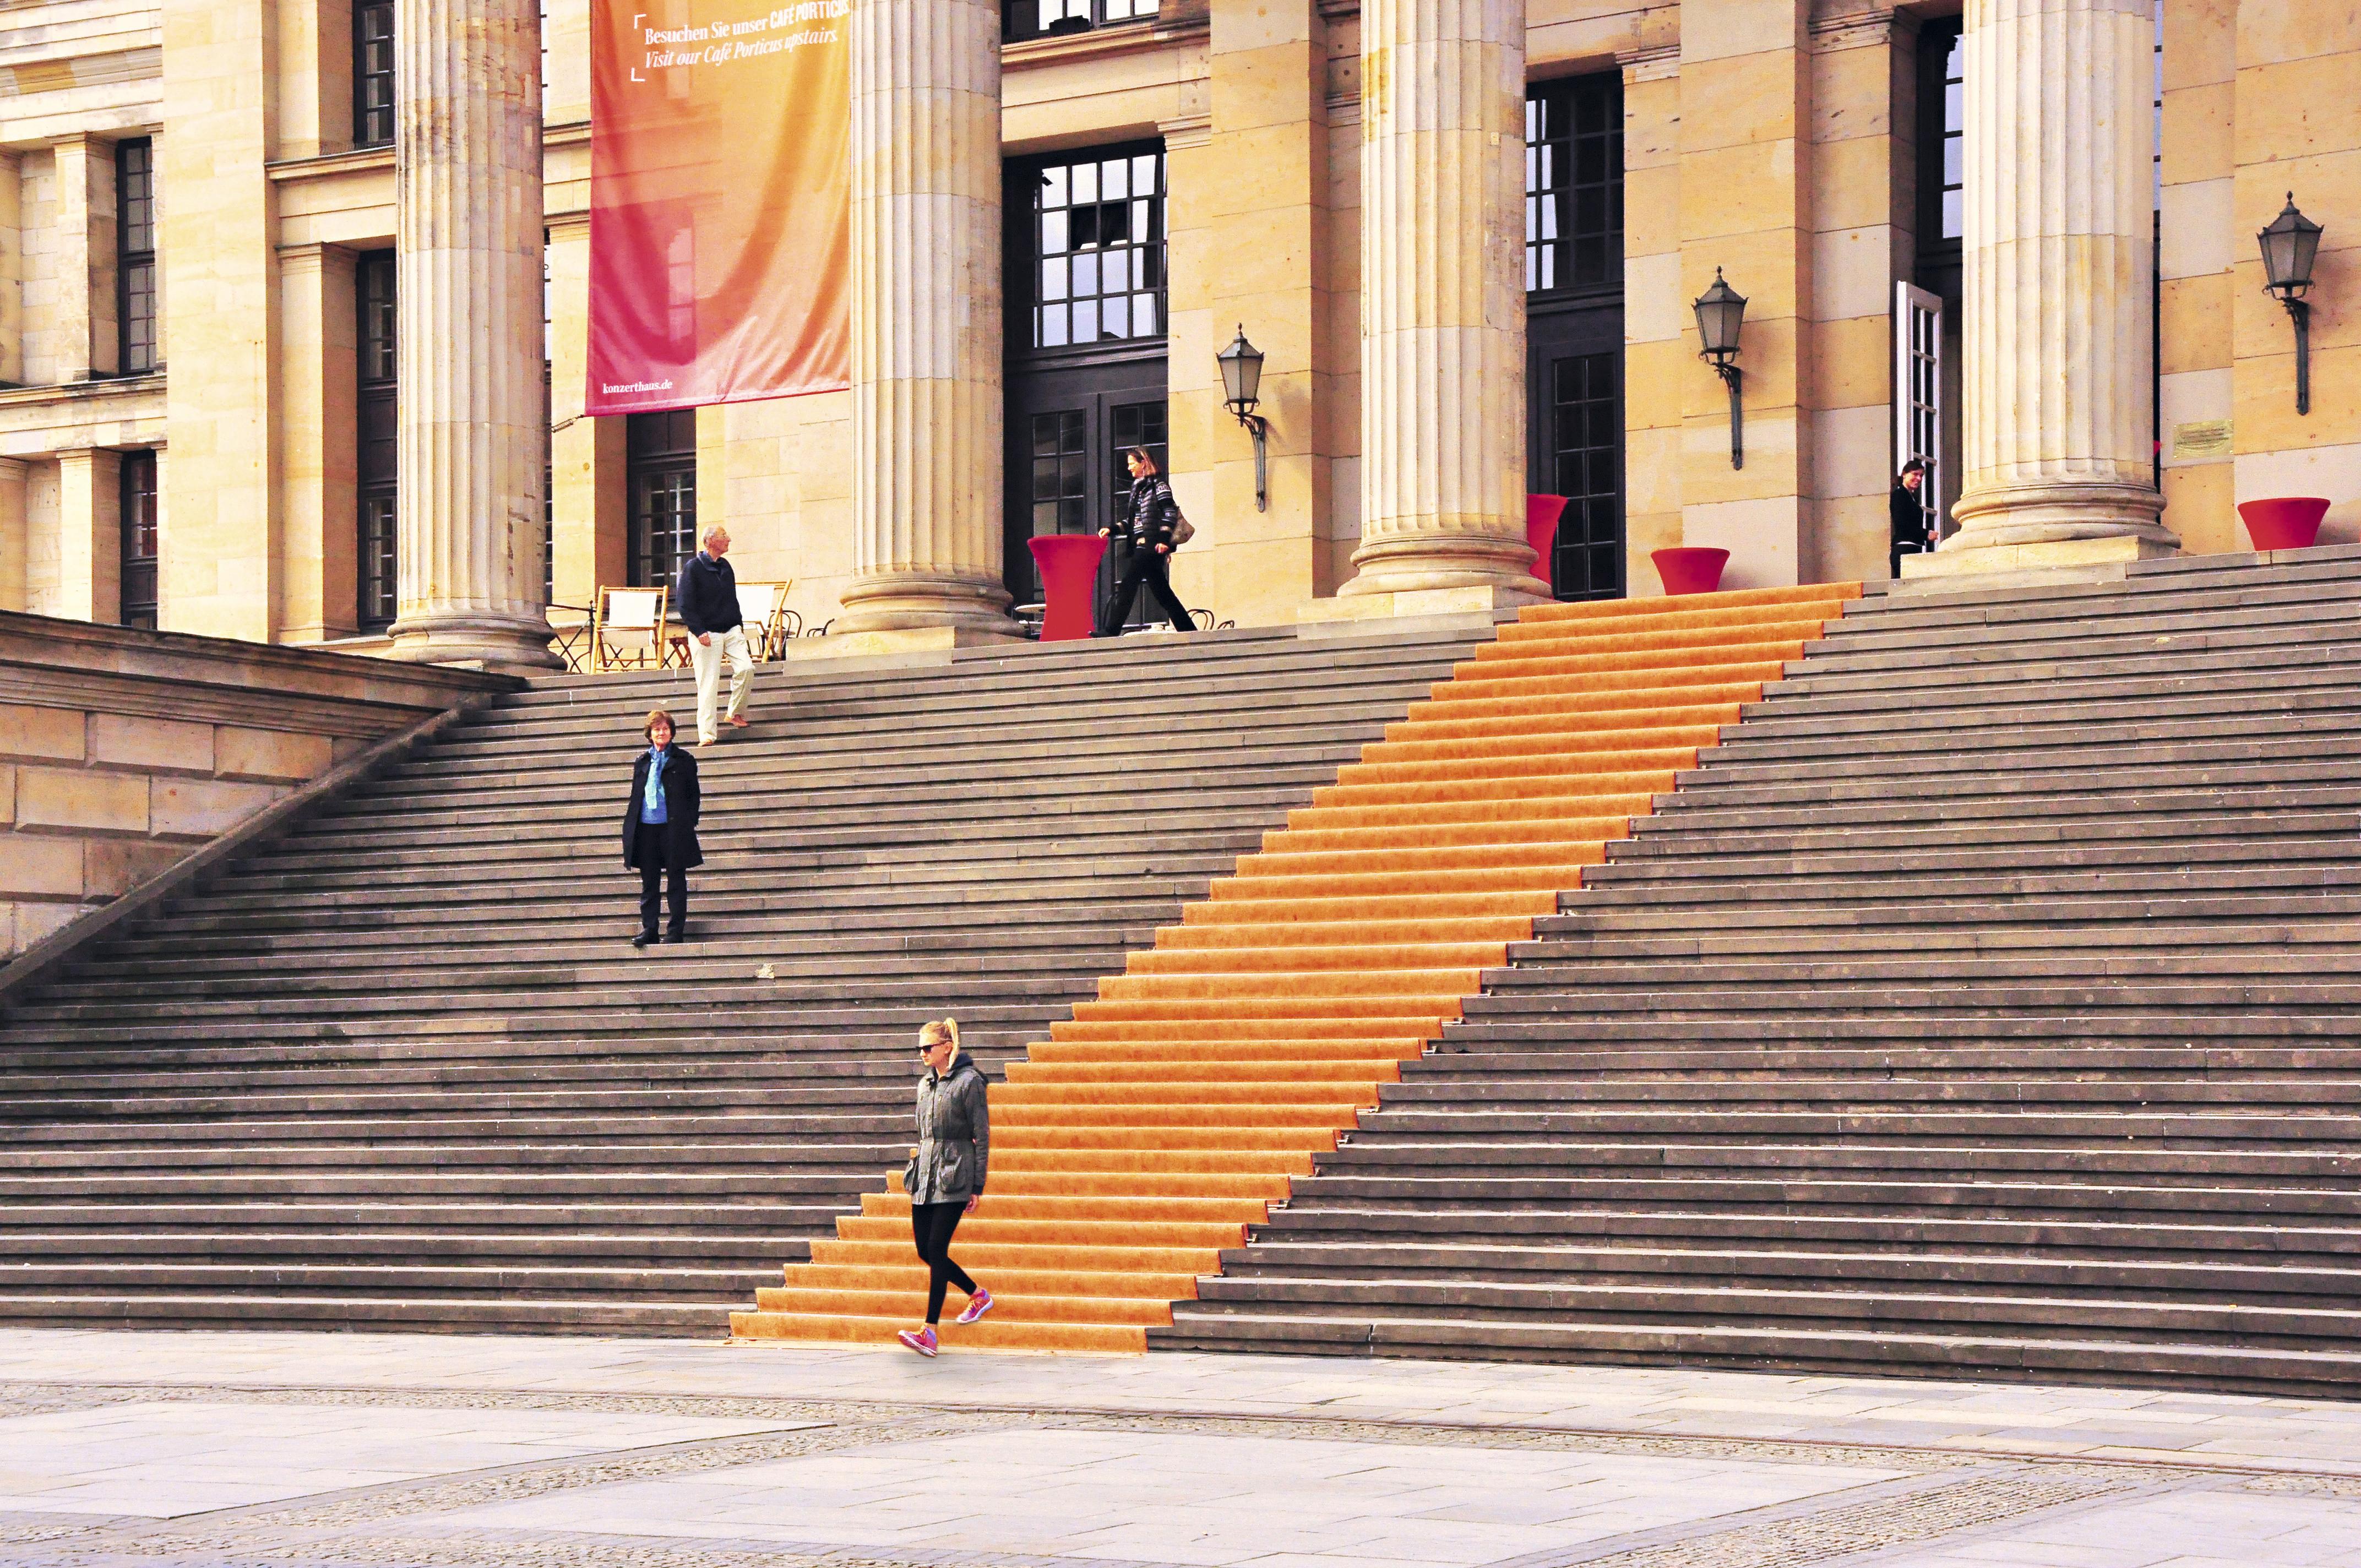 Escadaria da casa de concertos Konzerthaus, Berlim, Alemanha